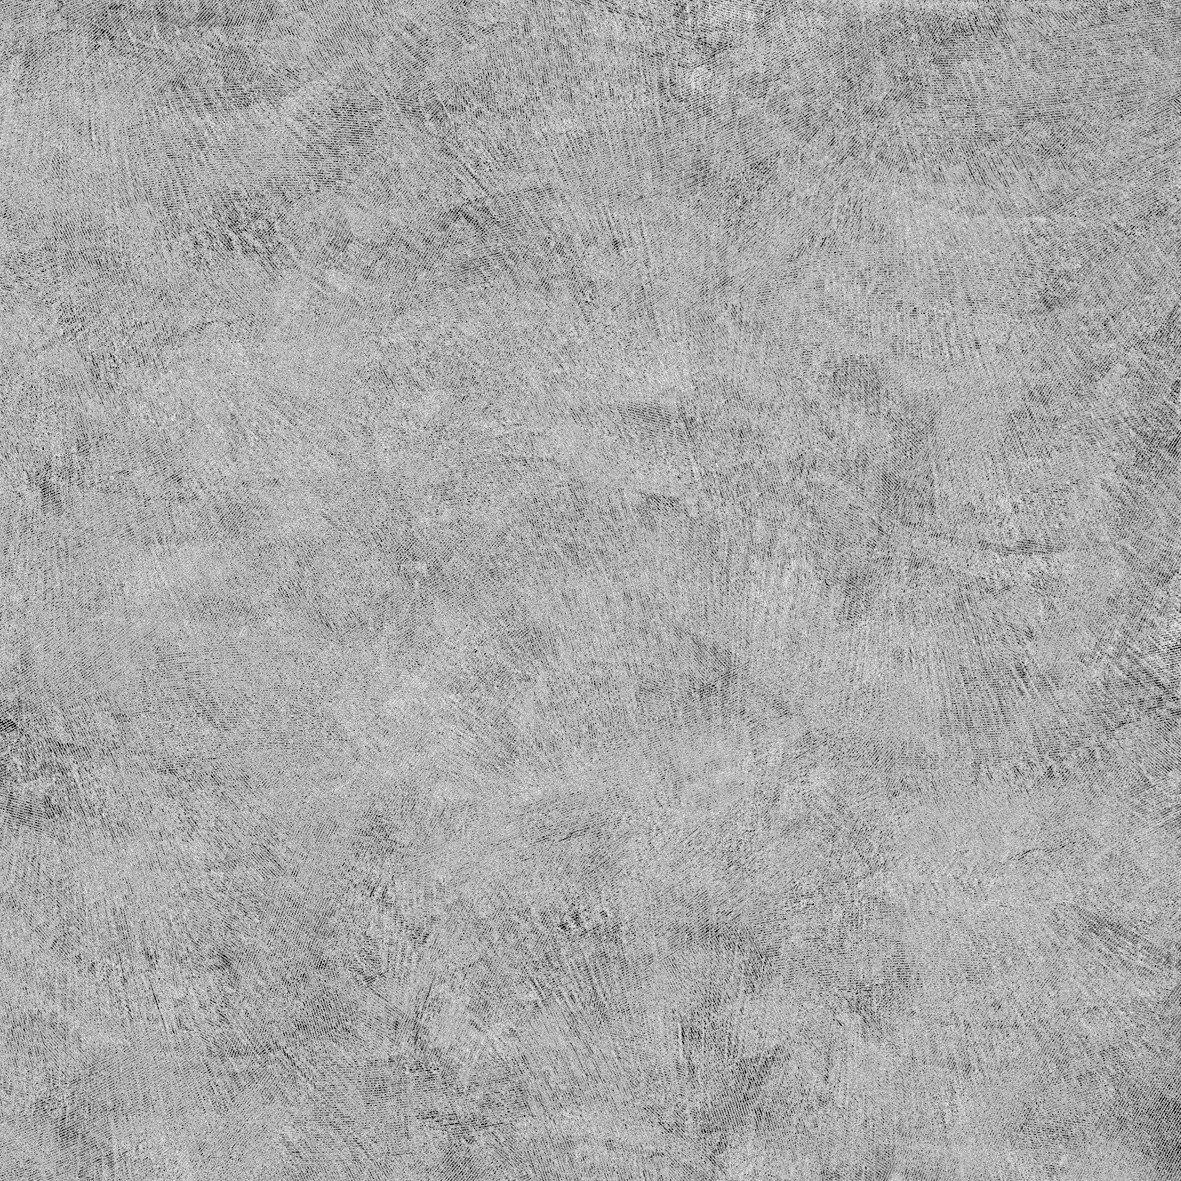 Pavimento rivestimento in gres porcellanato per interni ed - Pavimento de cemento ...